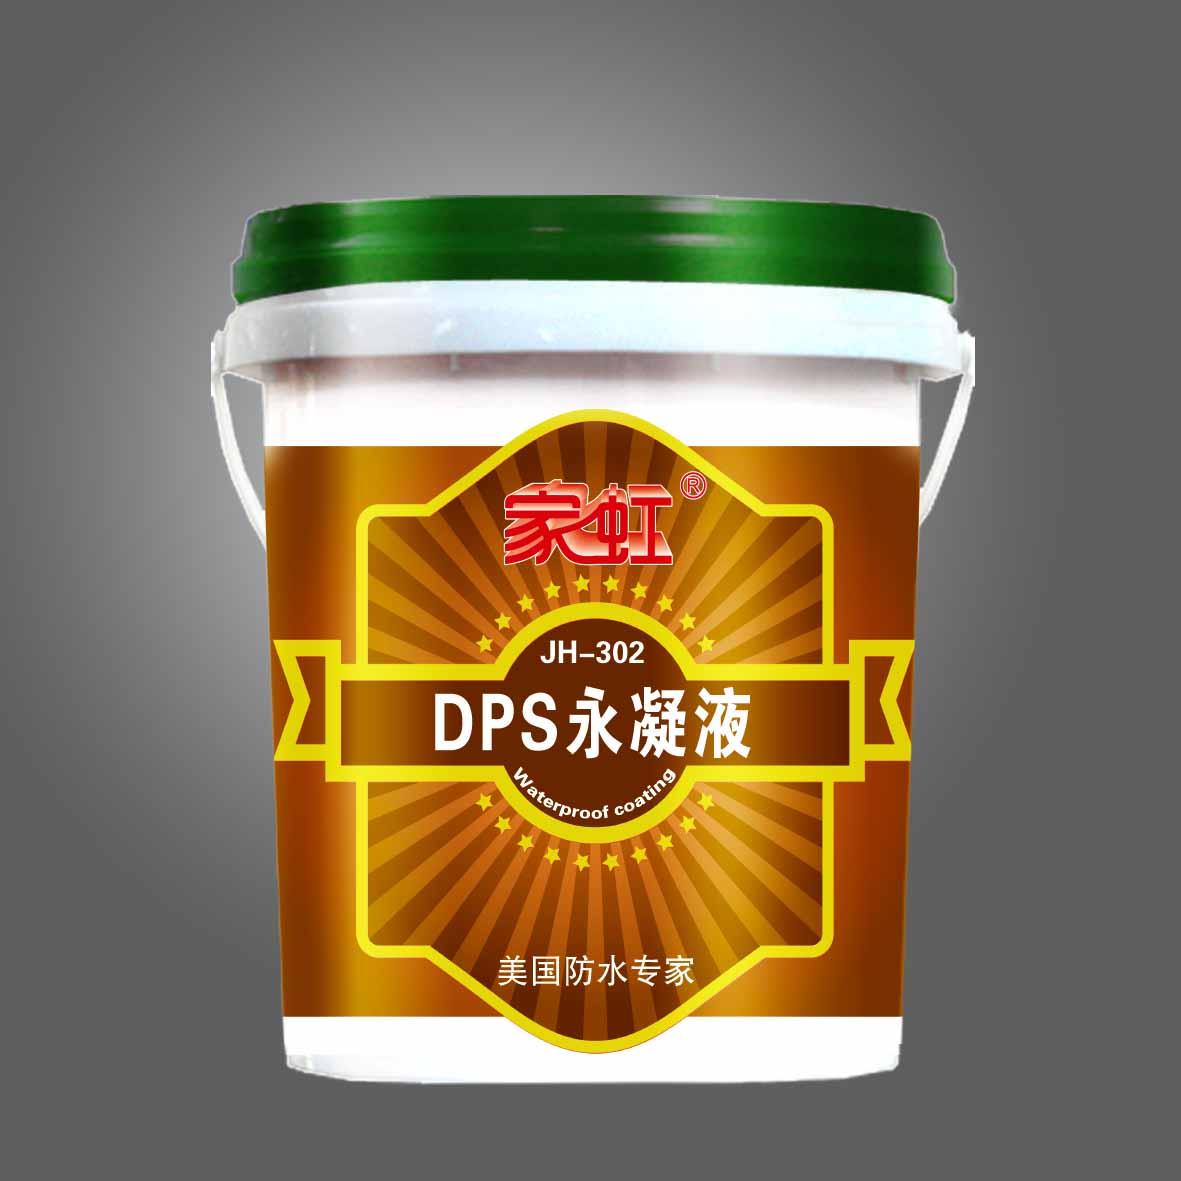 JH-302家虹DPS永凝液永凝液详细说明